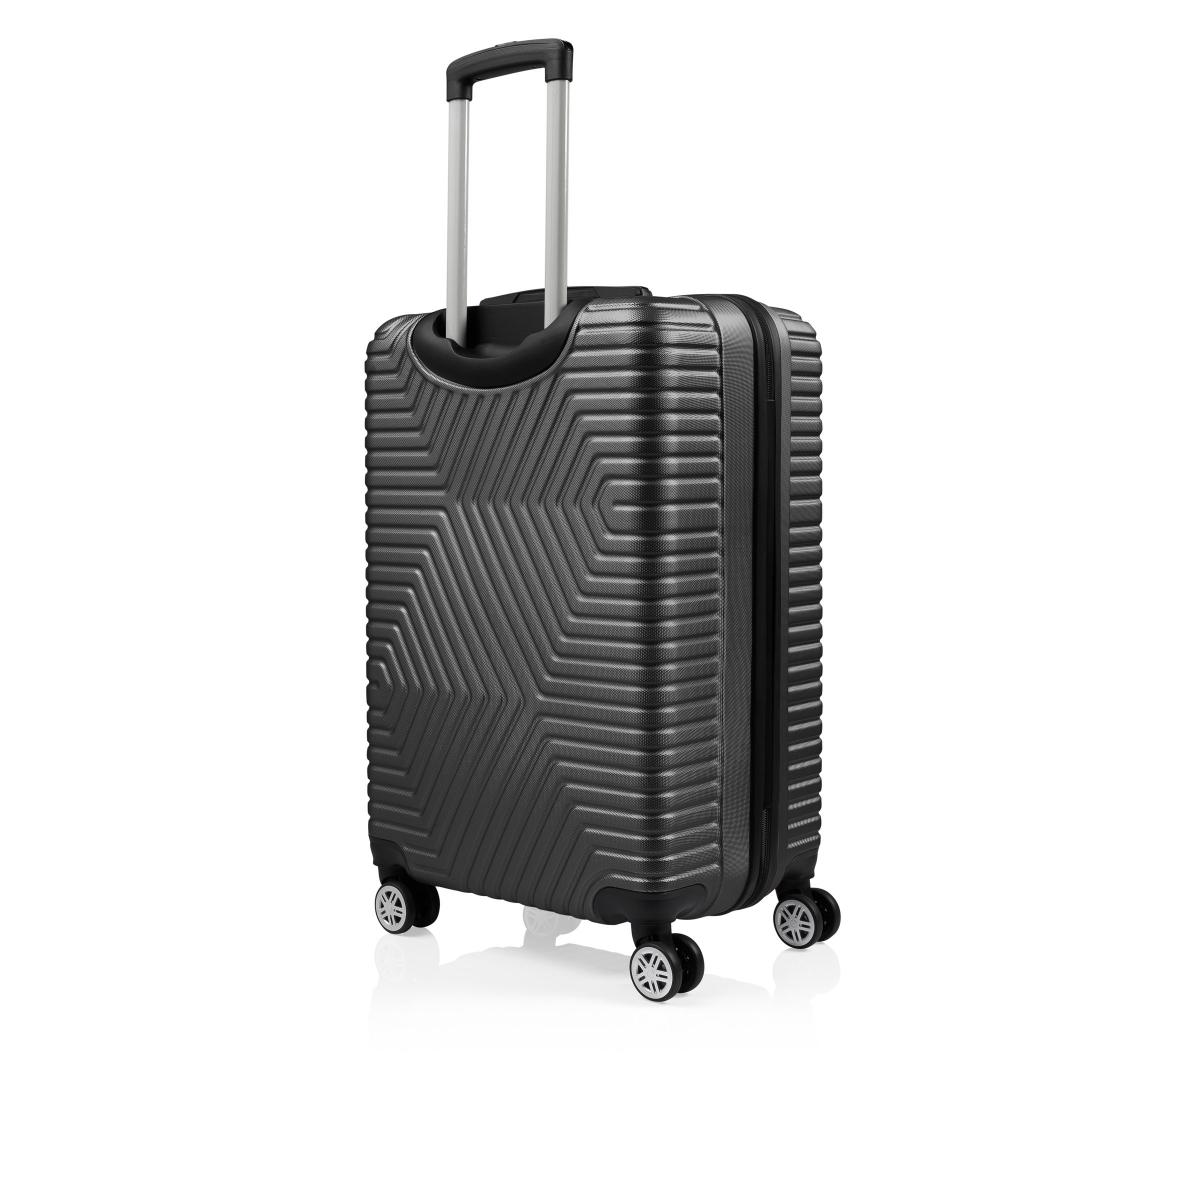 G&D Polo Suitcase ABS 3'lü Lüx Valiz Seyahat  Seti - Model:600.01 Siyah